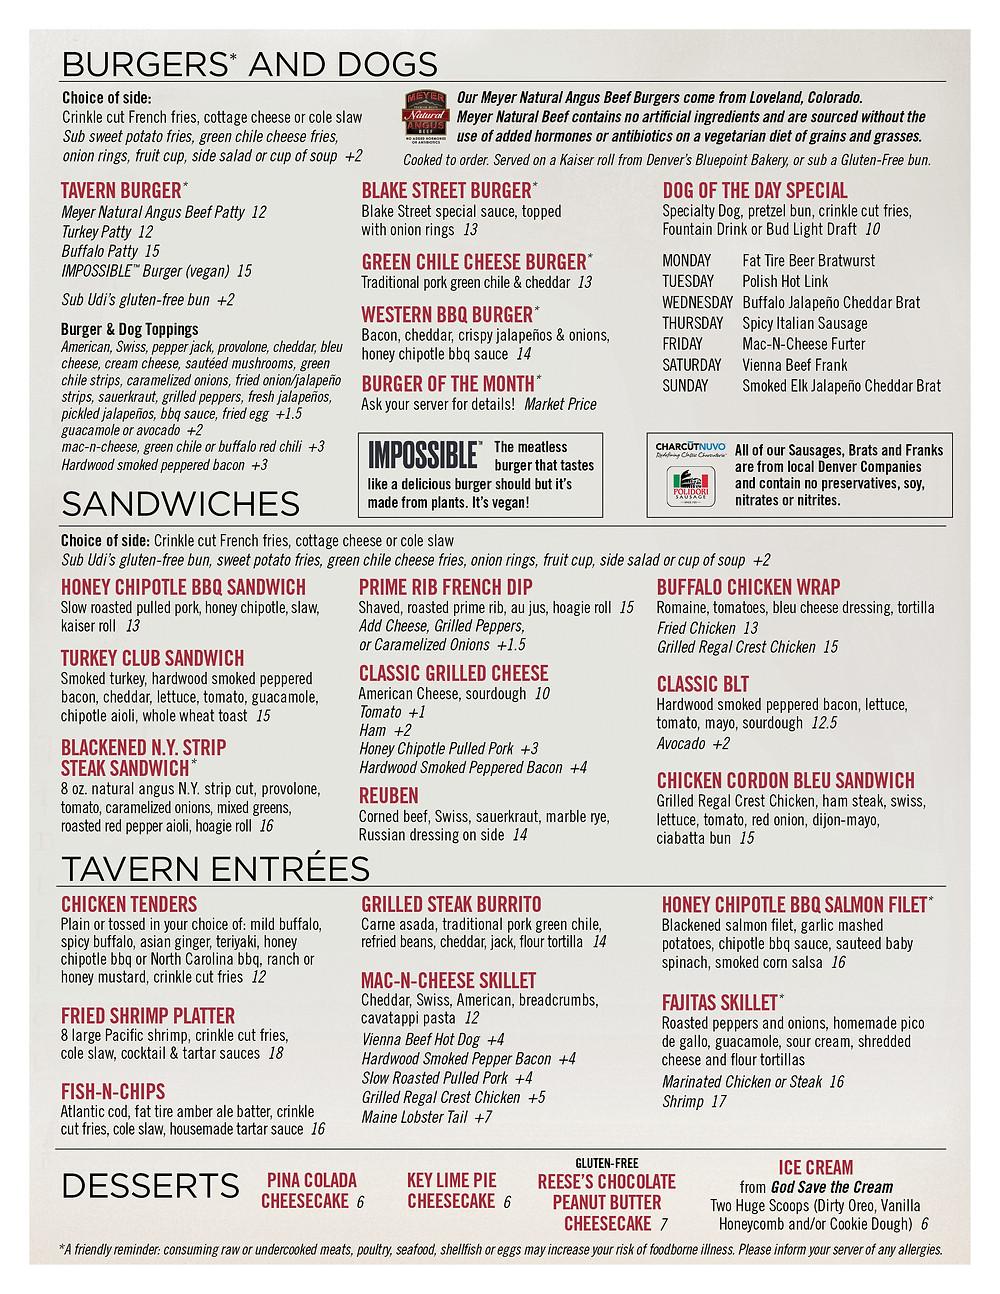 Gluten Free Restaurants - Downtown Denver Menu with Gluten-Free Options